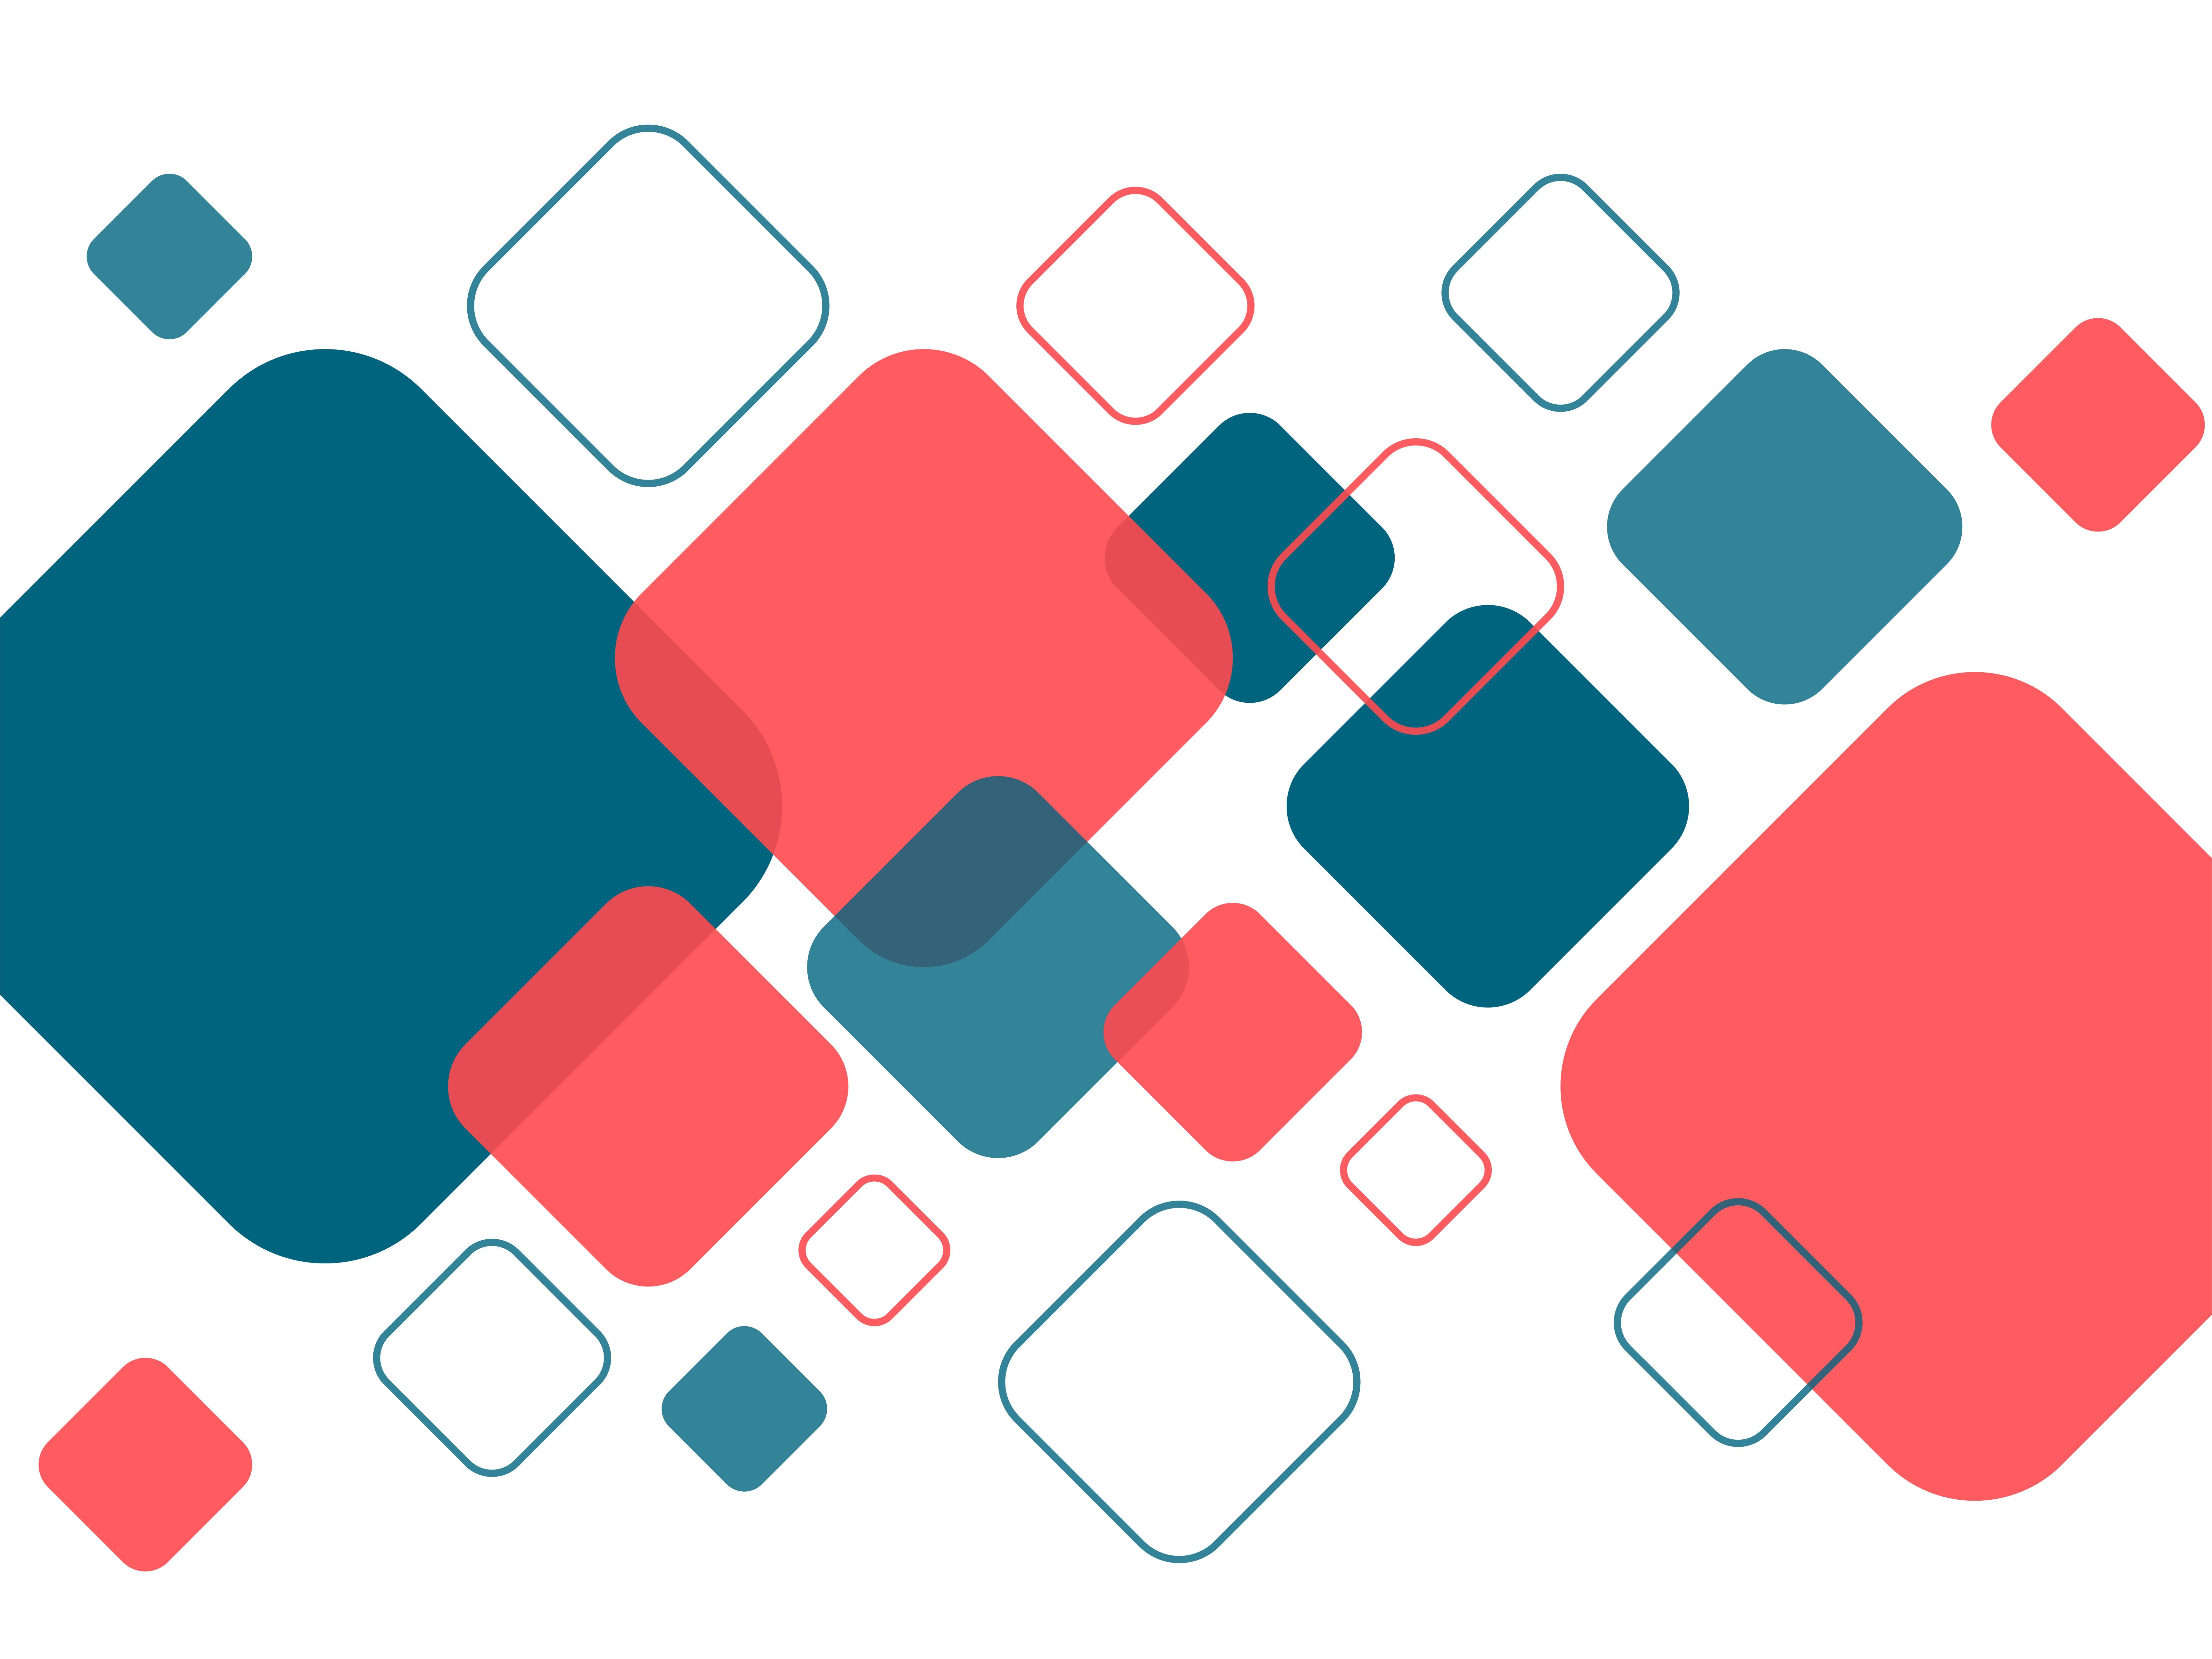 Fondos De Pantalla : Abstracto, Blanco, Azul, Rojo